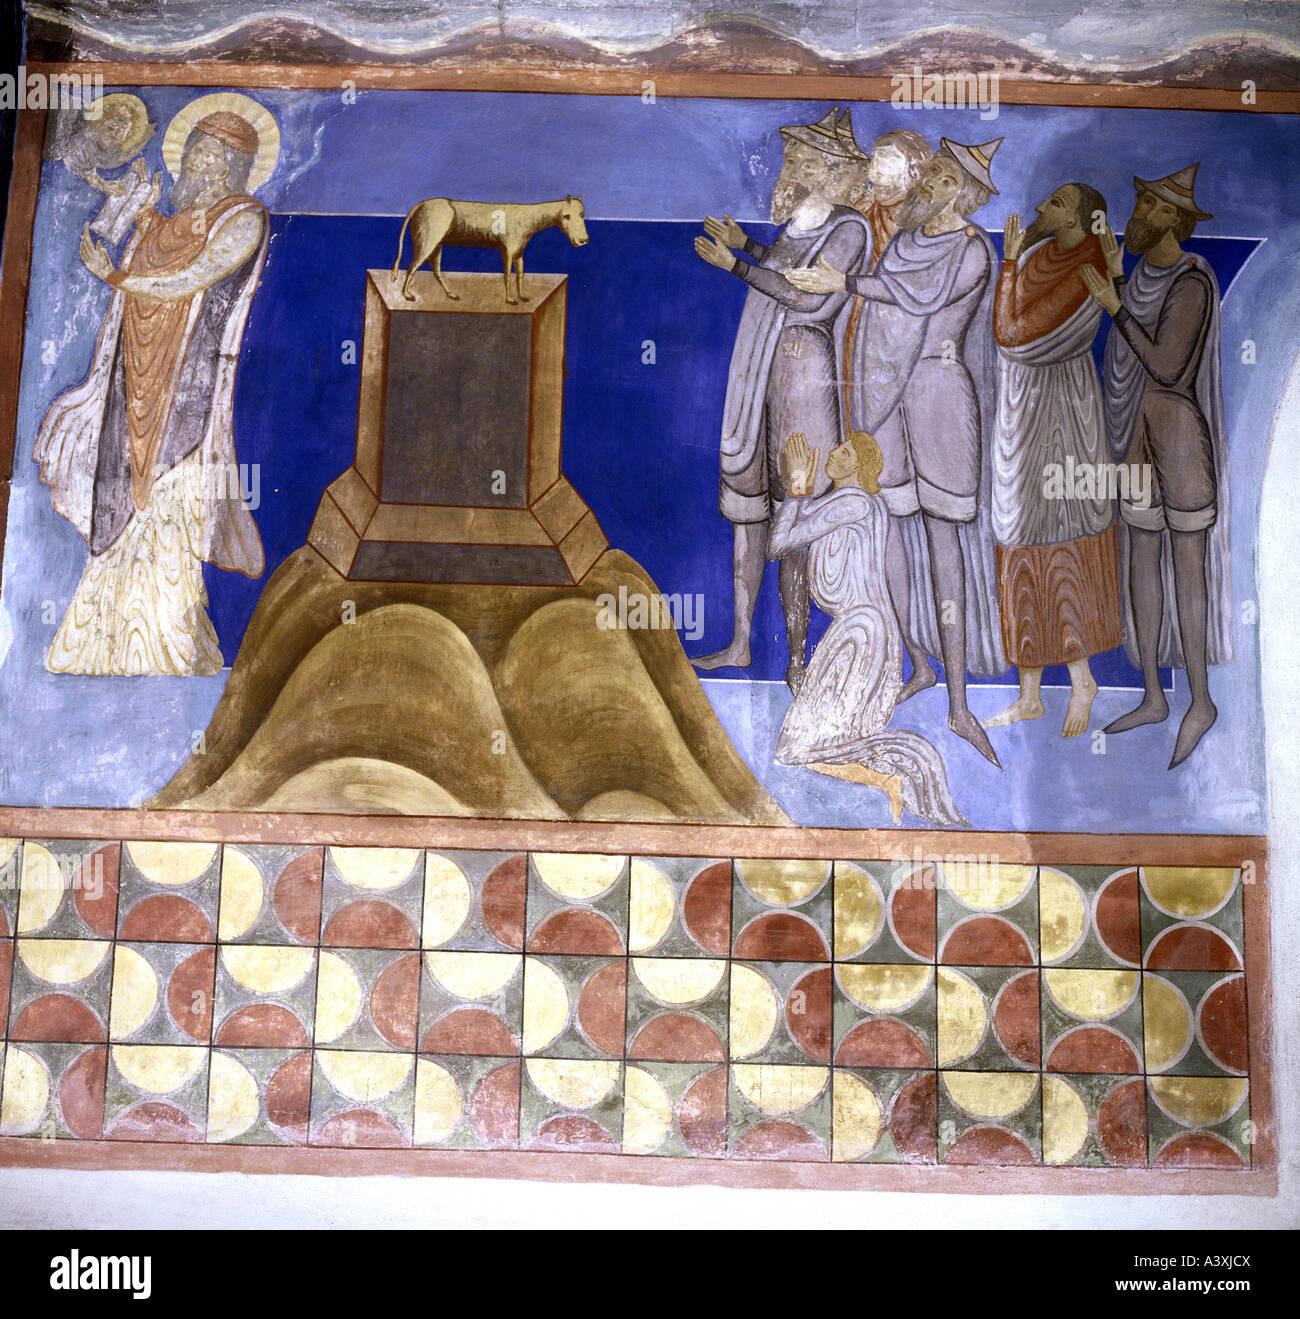 Belle arti, l'arte religiosa, scene bibliche, Golden Calf, pittura, affresco del XIII secolo, Chiesa di Bjäresjö, Immagini Stock